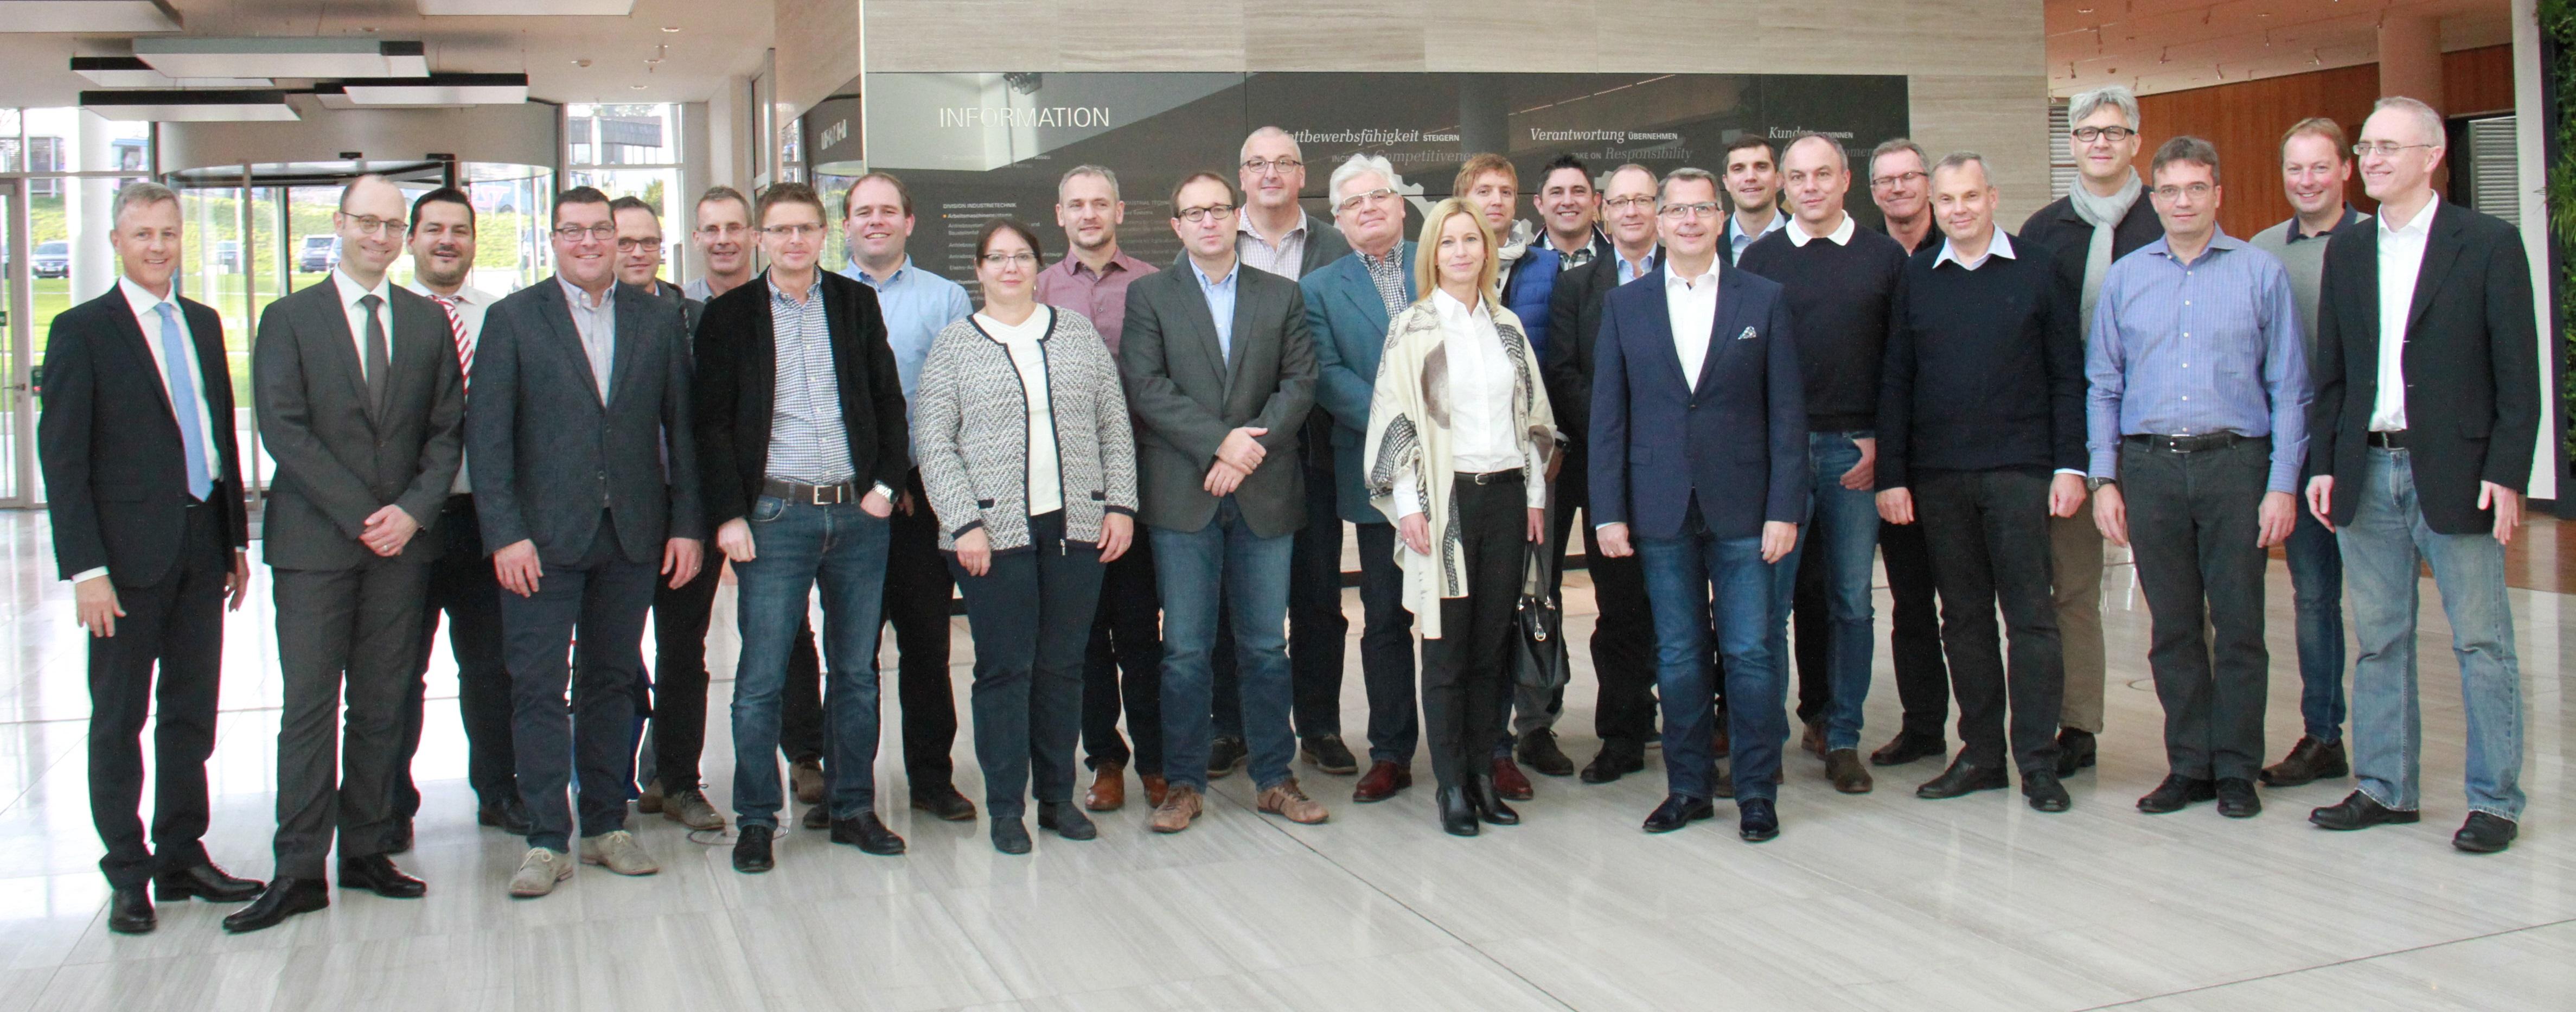 Sparkasse Passau zu Besuch bei der ZF Friedrichshafen AG